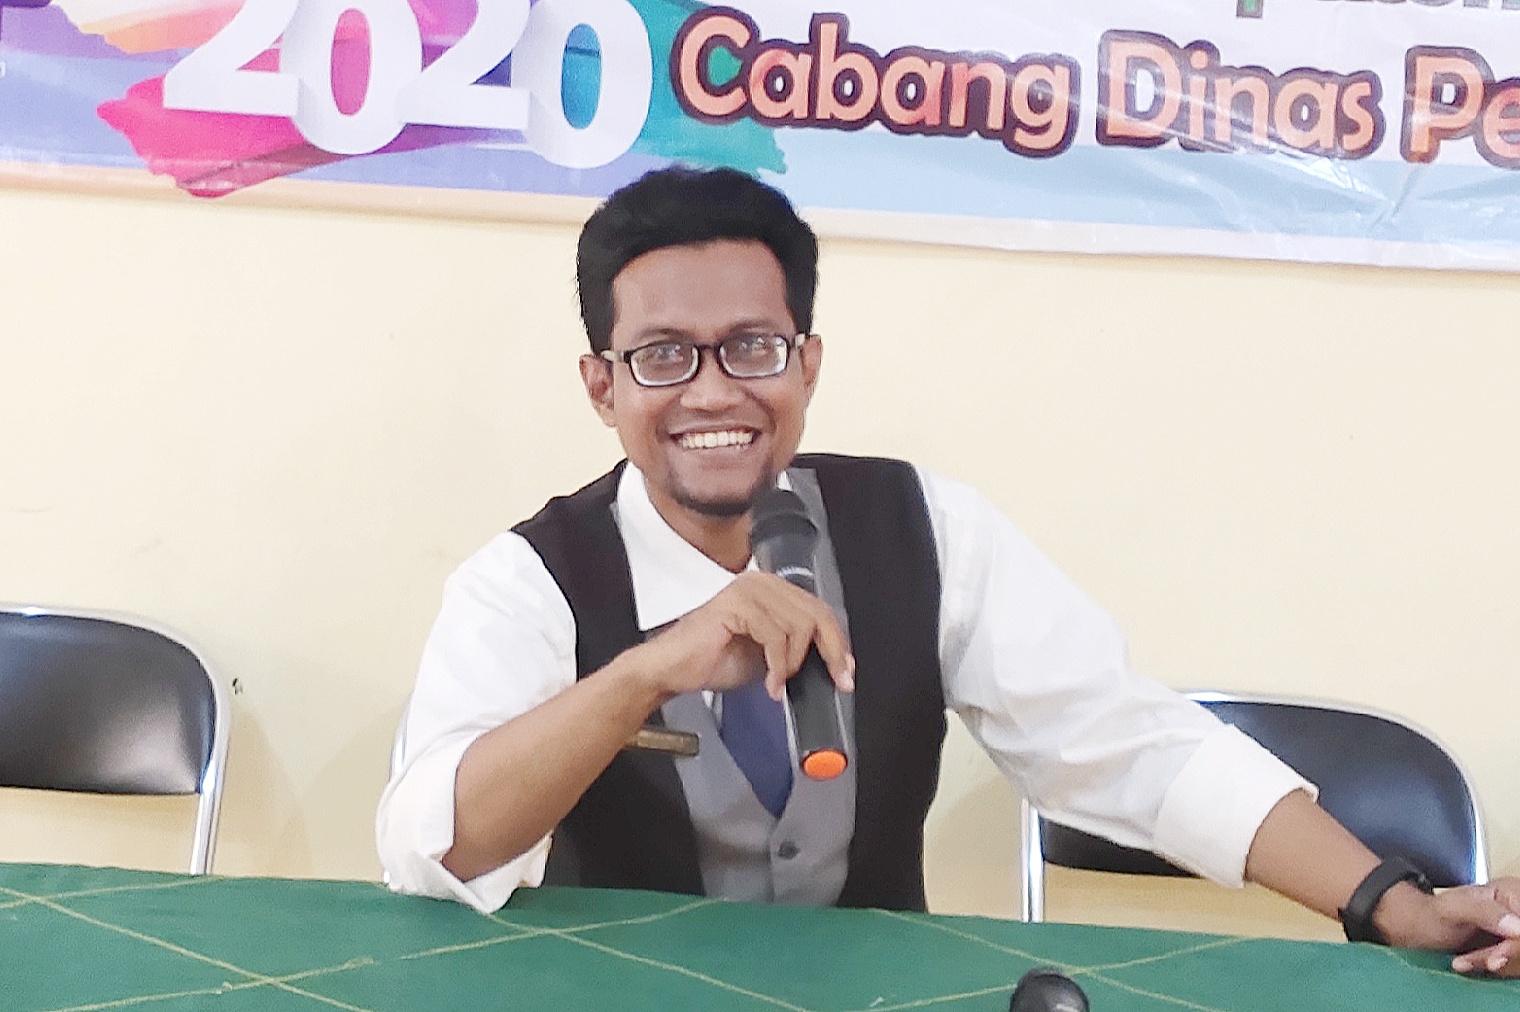 SISWA BELAJAR DI RUMAH, SMK ANWARUL MA'ARIF MANFAATKAN GOOGLE CLASSROOM